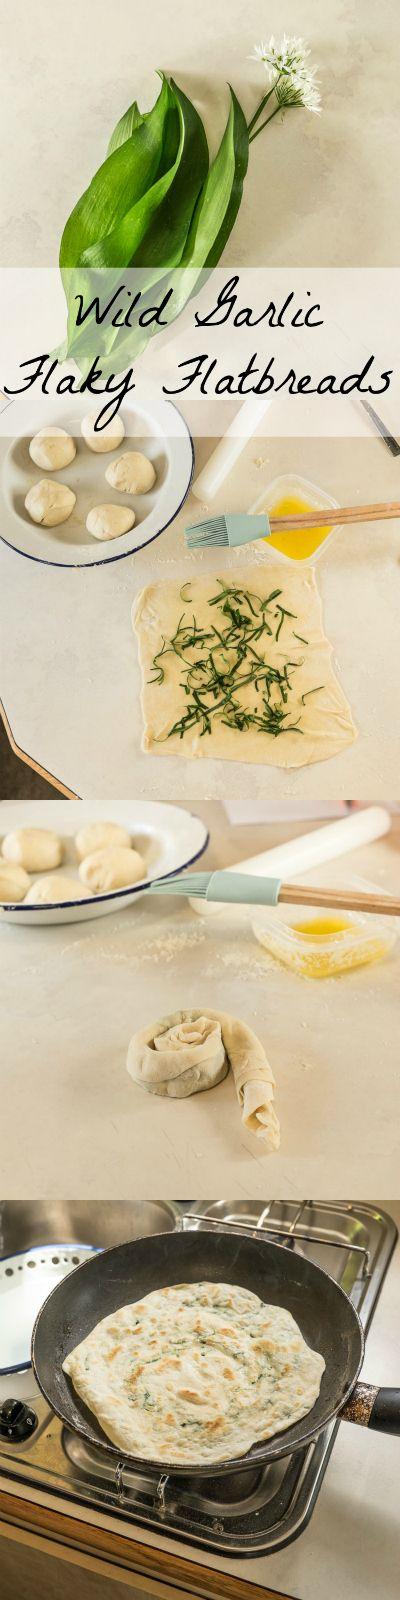 Wild Garlic Flaky Flatbreads // no yeast // quick // foraging // wild food // Vagabond Baker